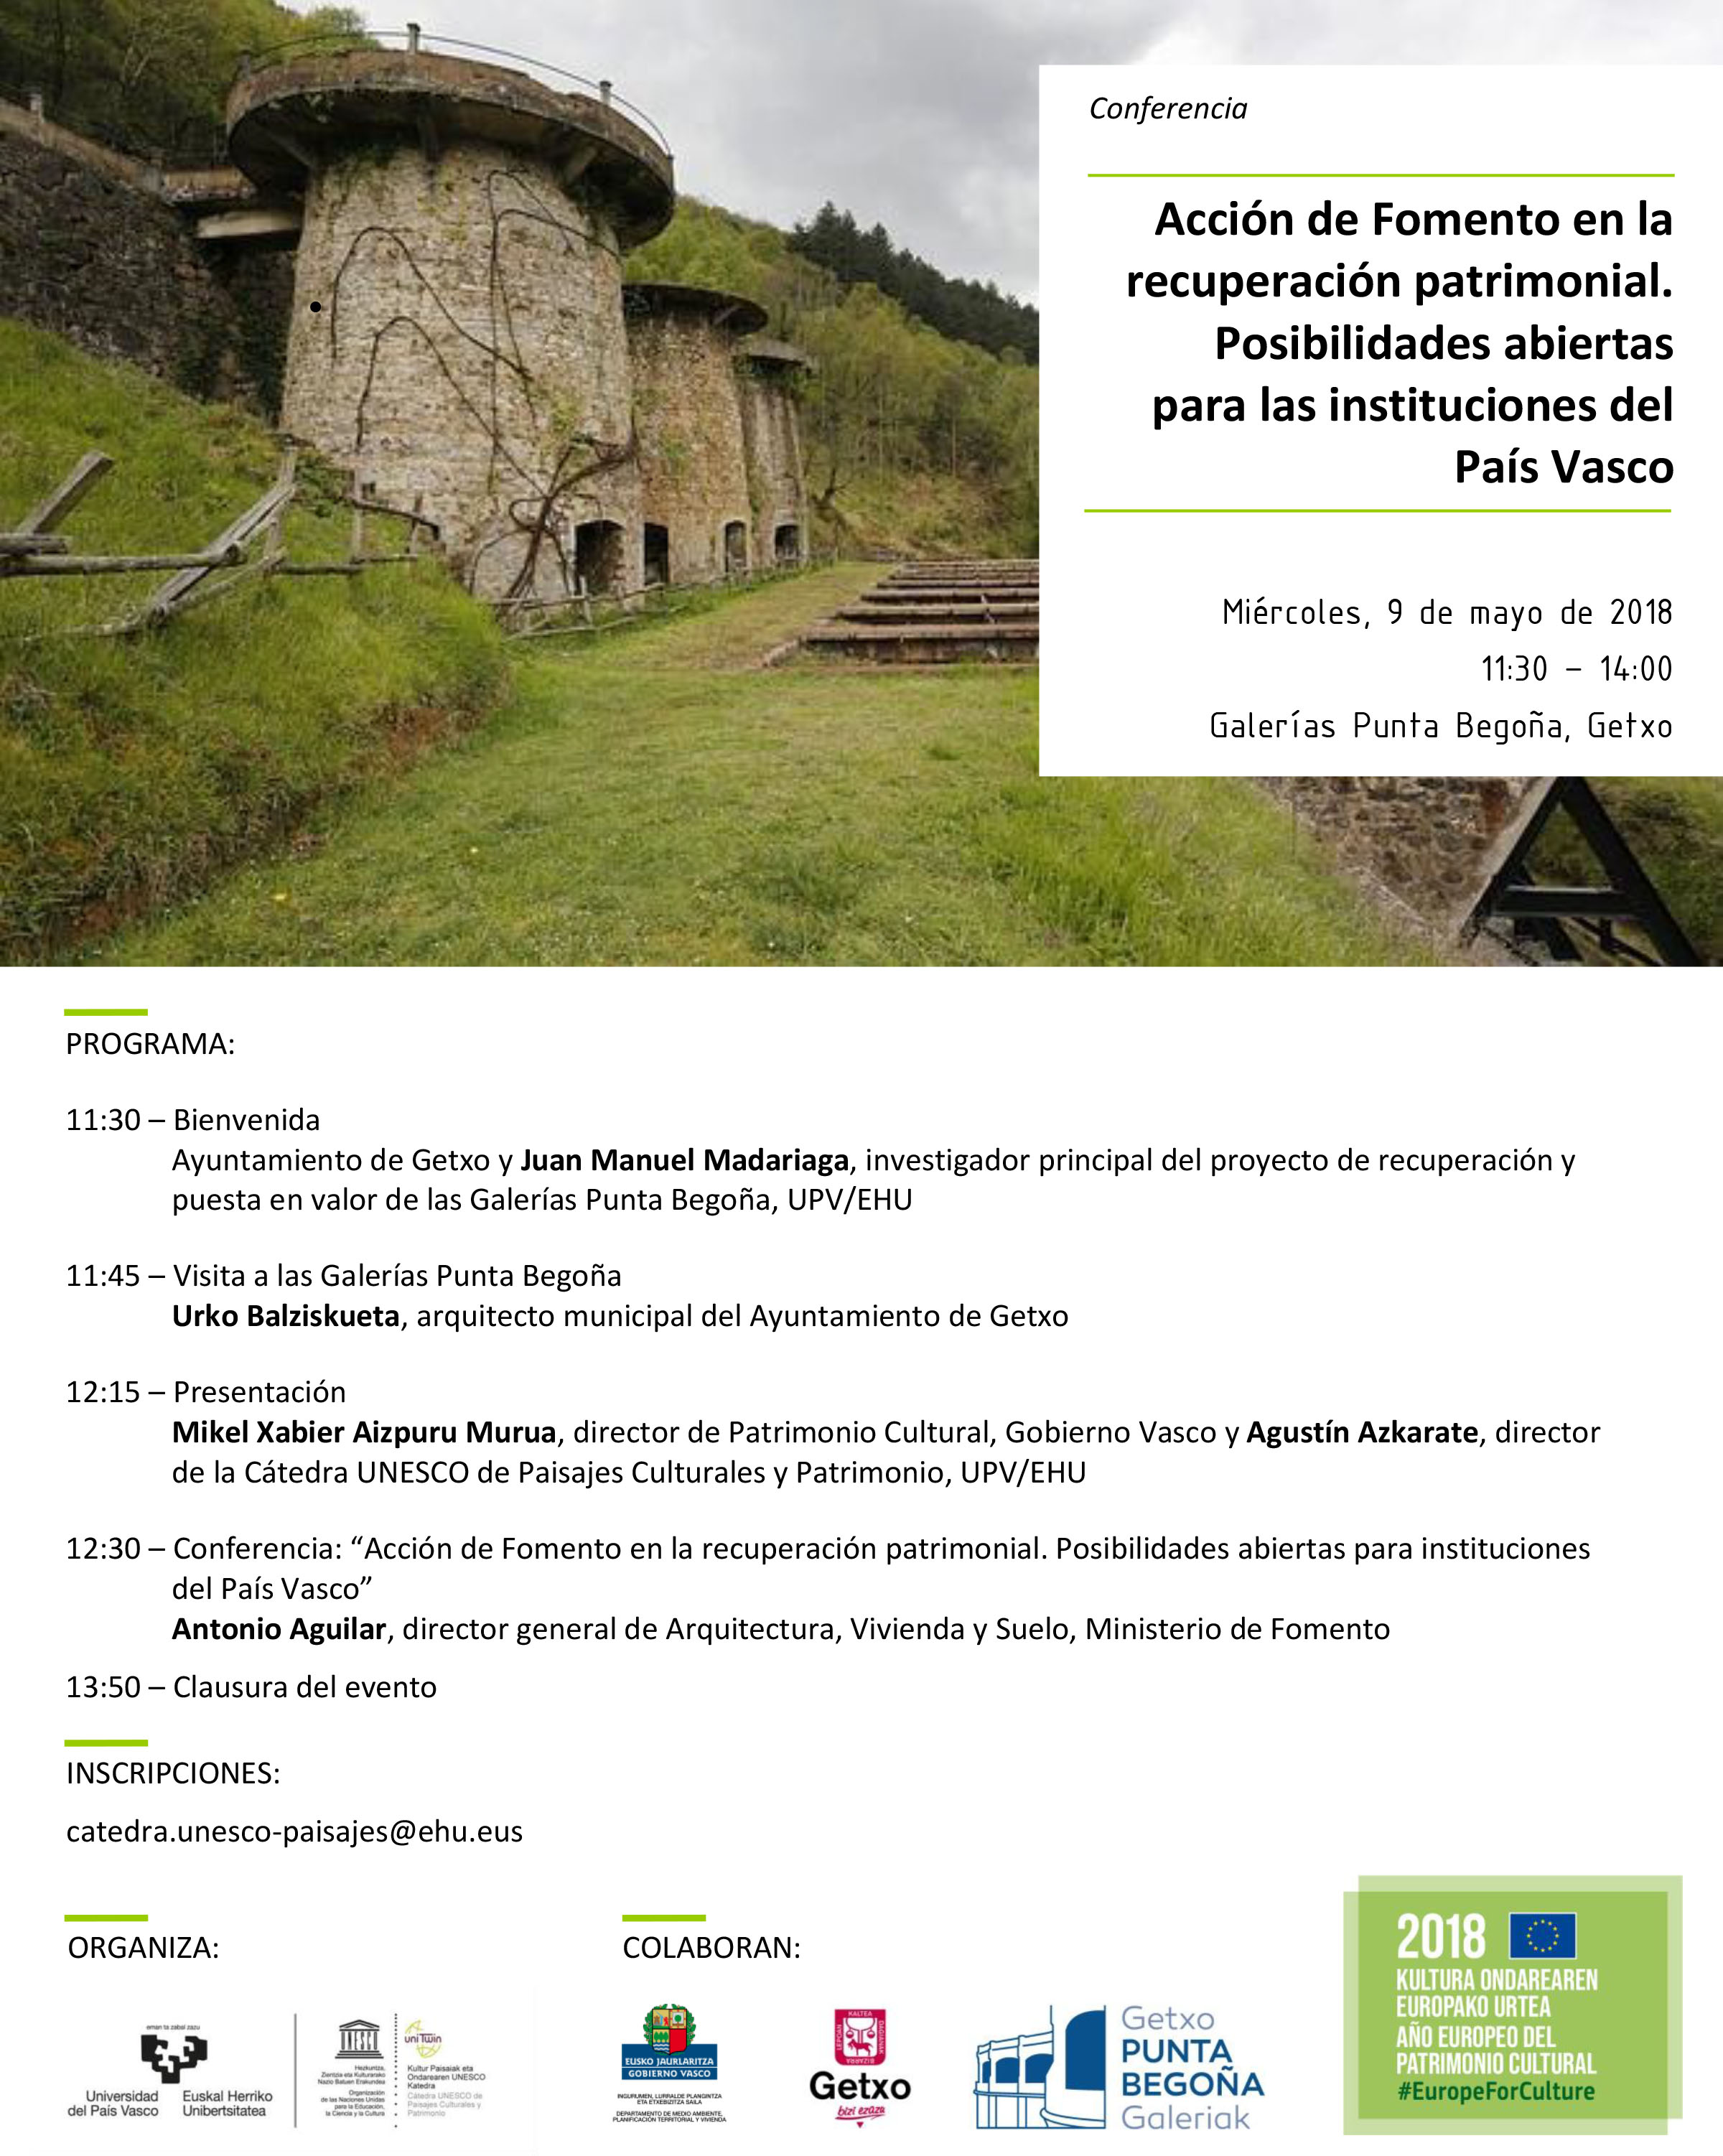 Conferencia_Accion_fomento